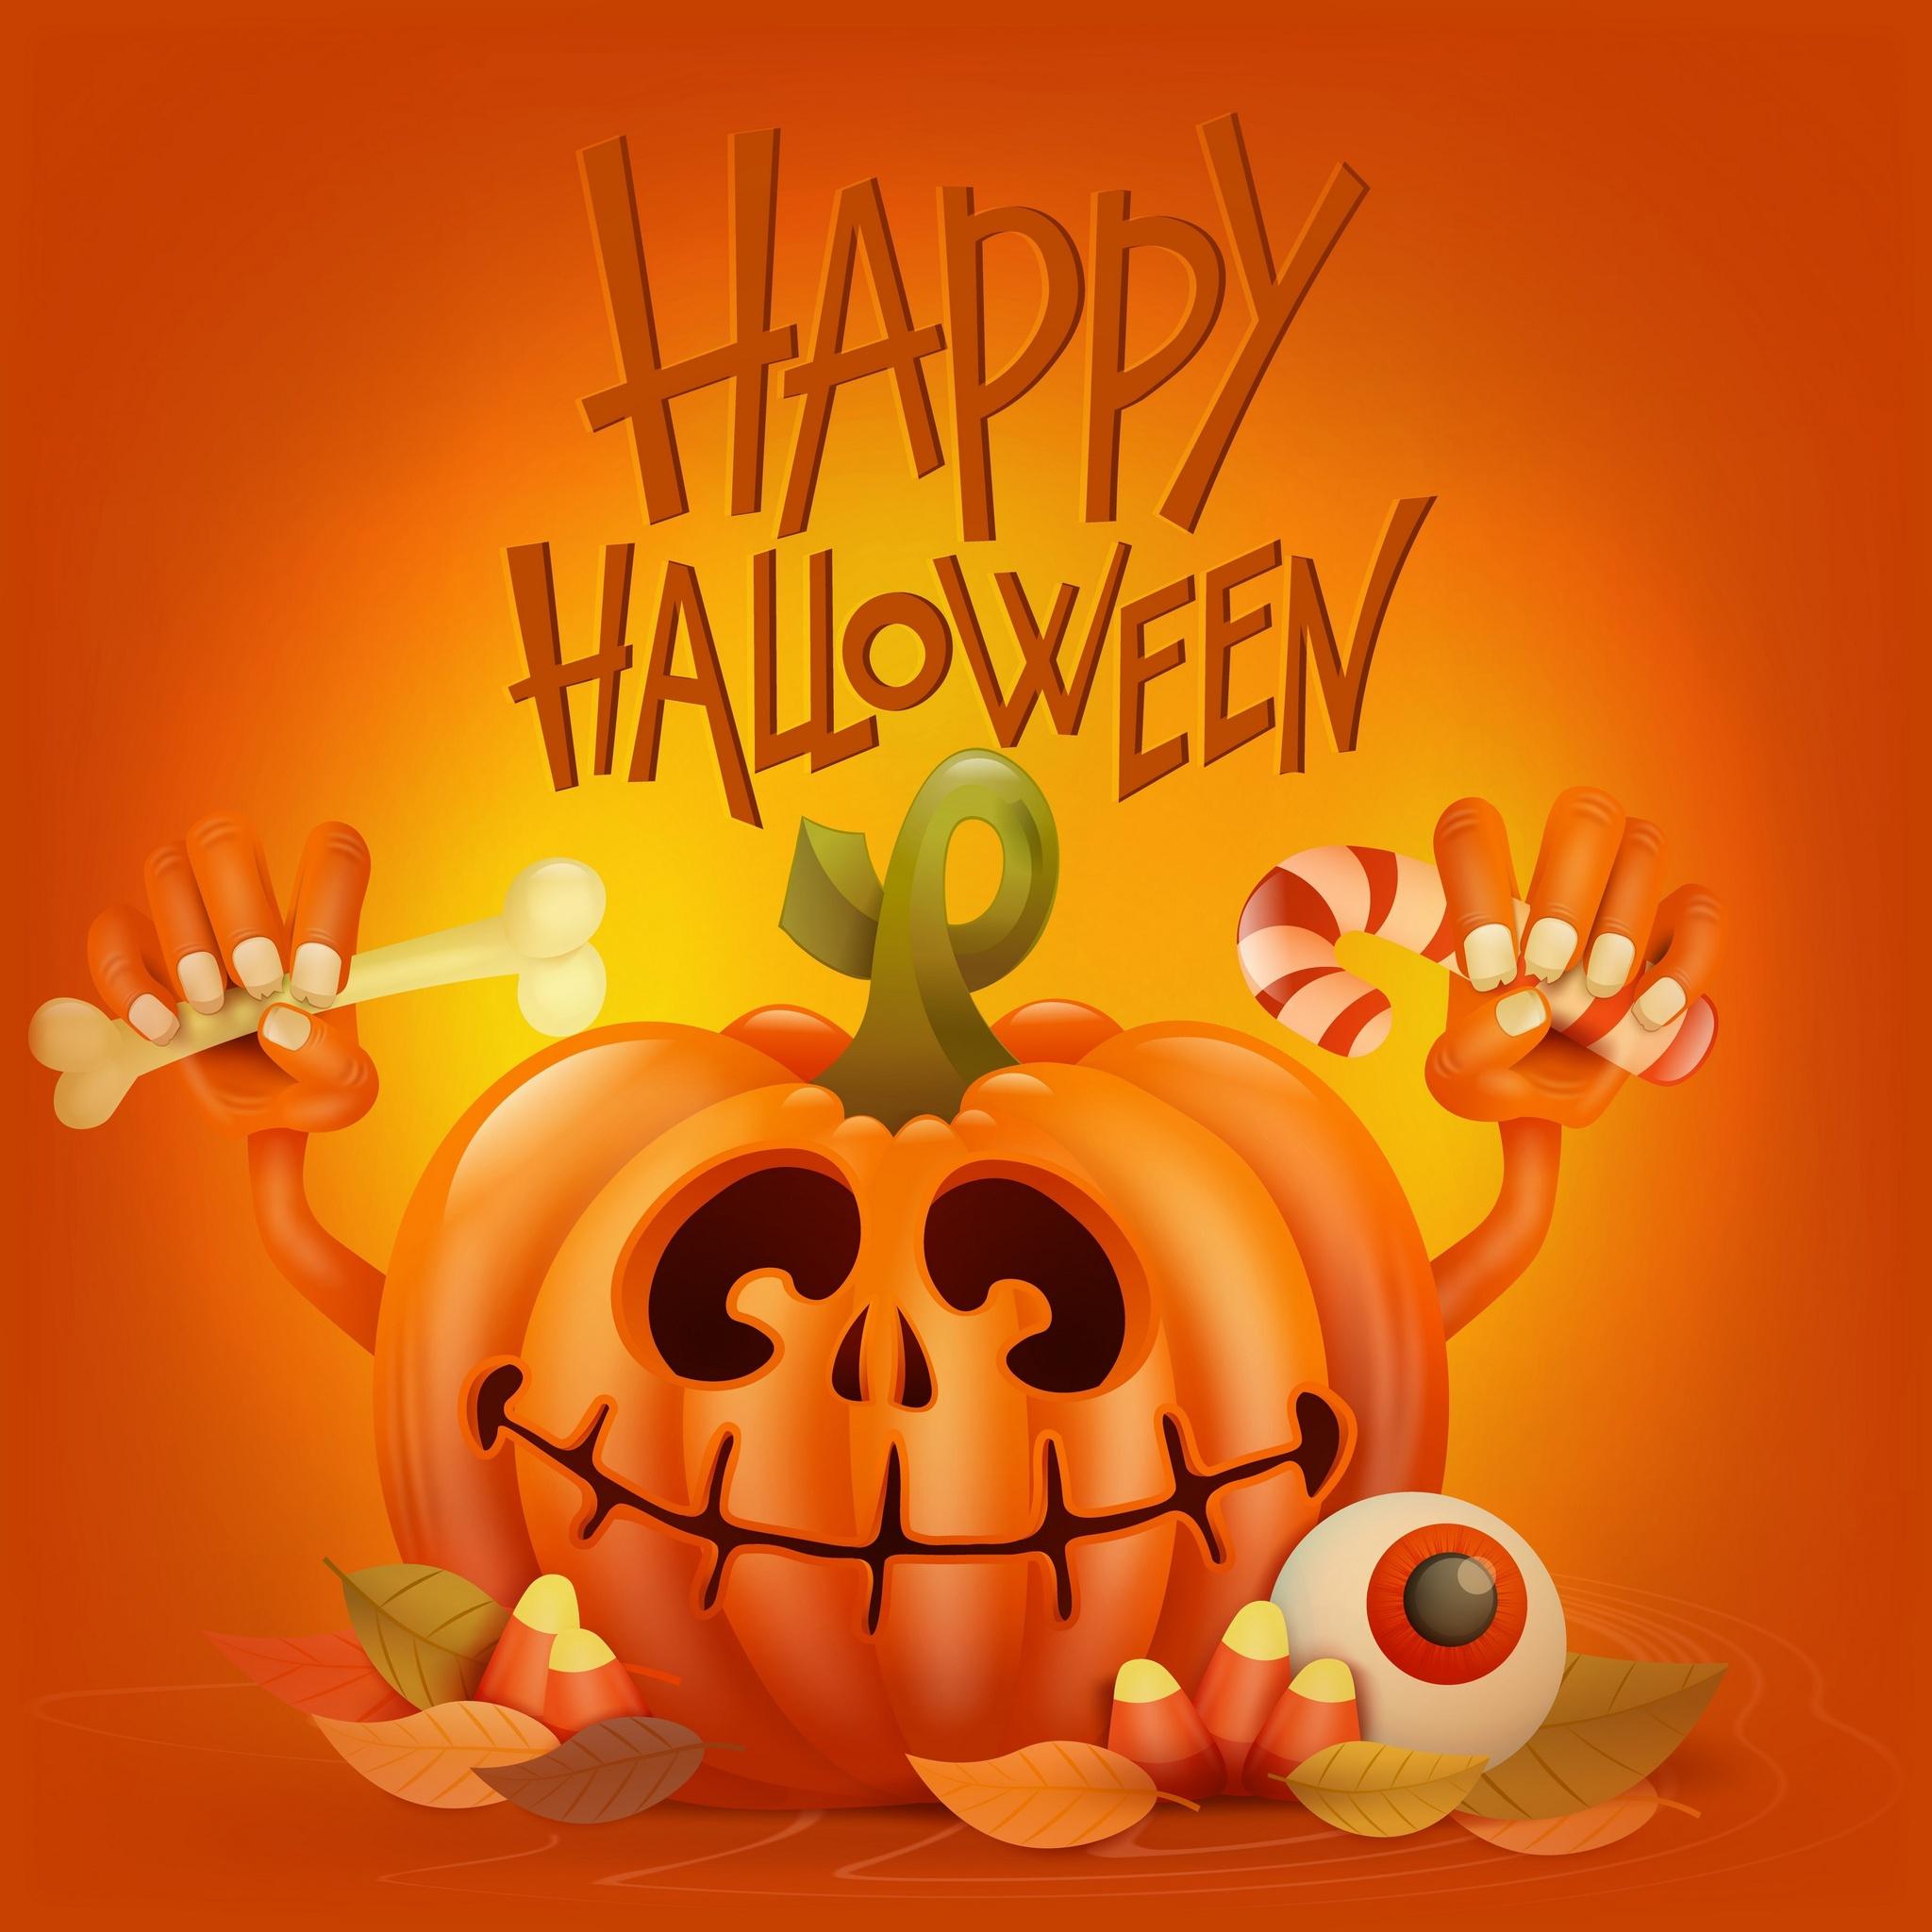 2048x2048 Happy Halloween 4k Ipad Air Hd 4k Wallpapers